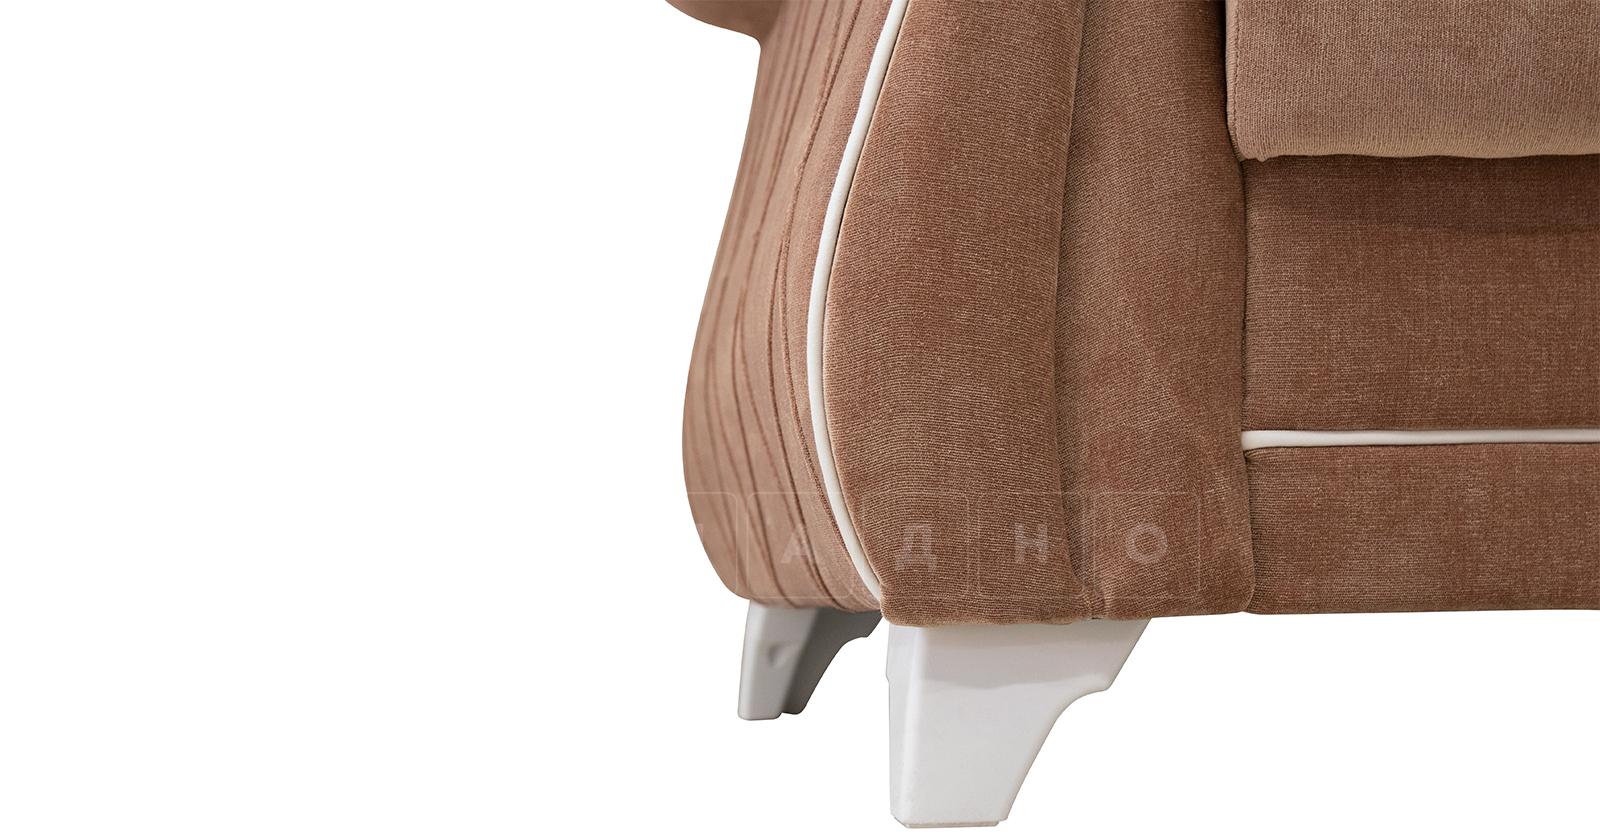 Кресло для отдыха Роза глиняный-коричневый фото 8   интернет-магазин Складно